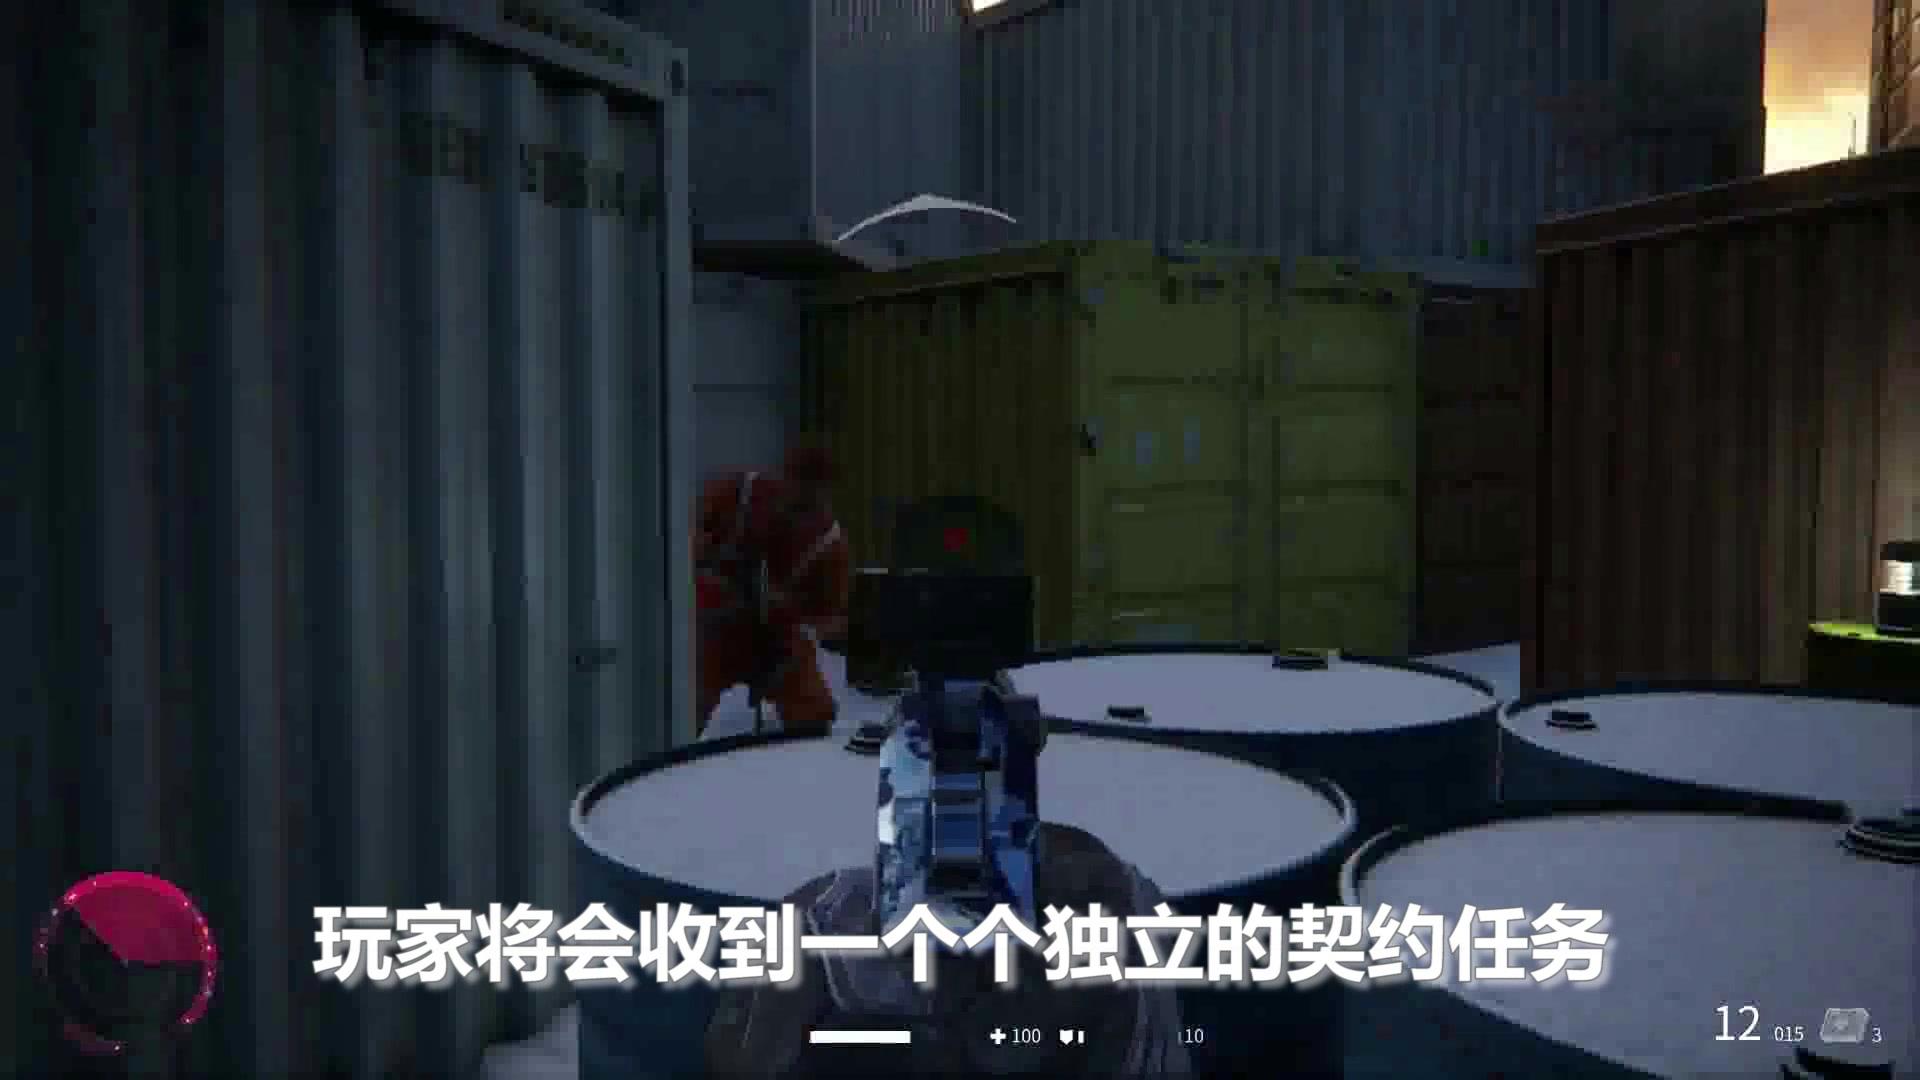 《狙击手幽灵战士契约》试玩视频-17173新游秒懂